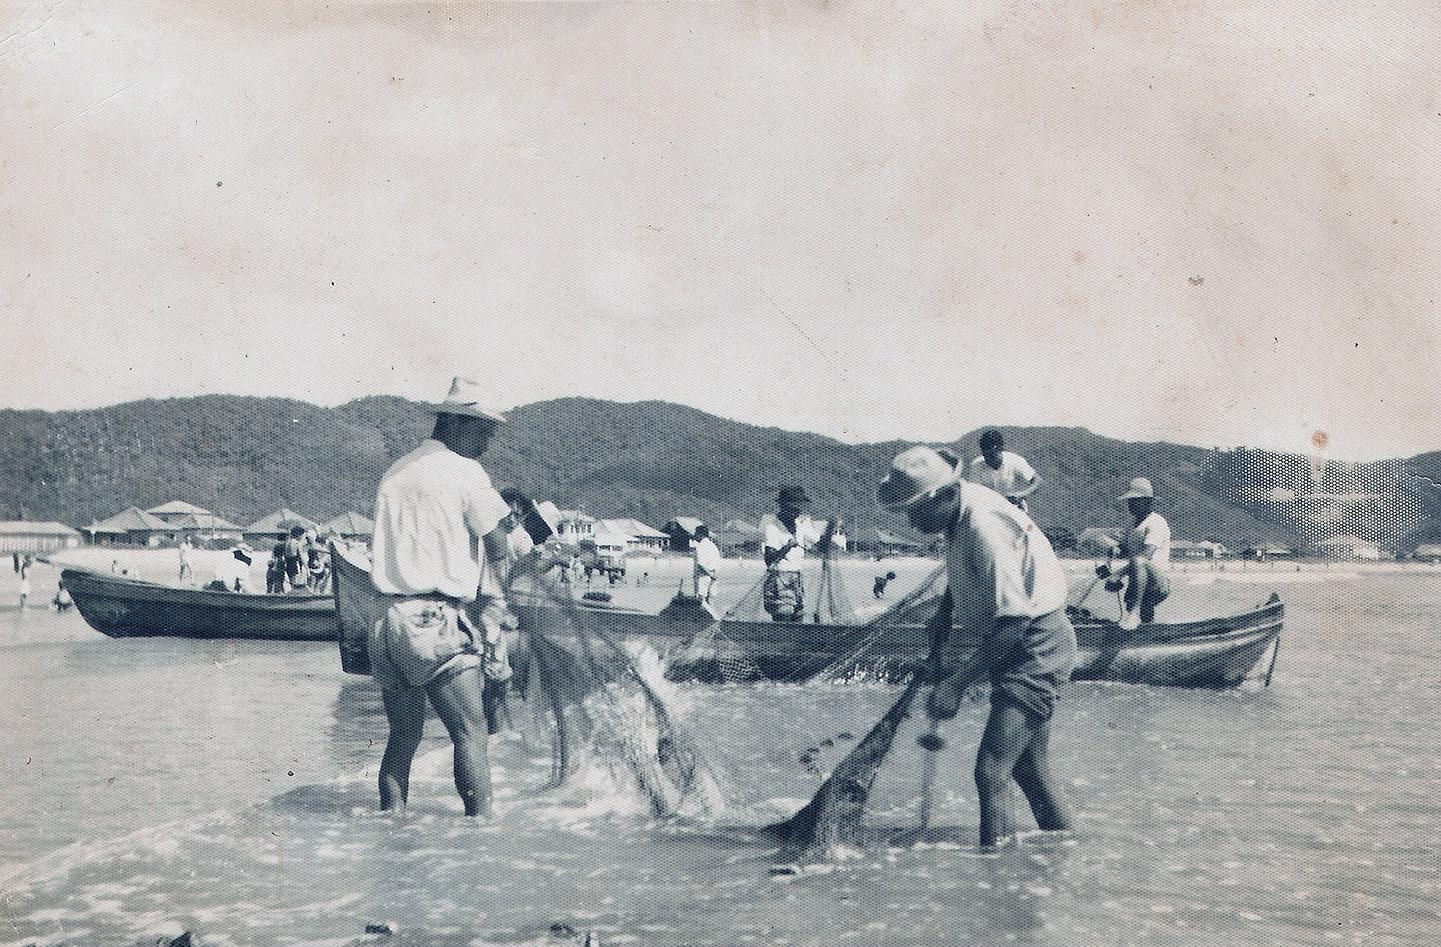 075 - Pesca do Arrastão, década de 195